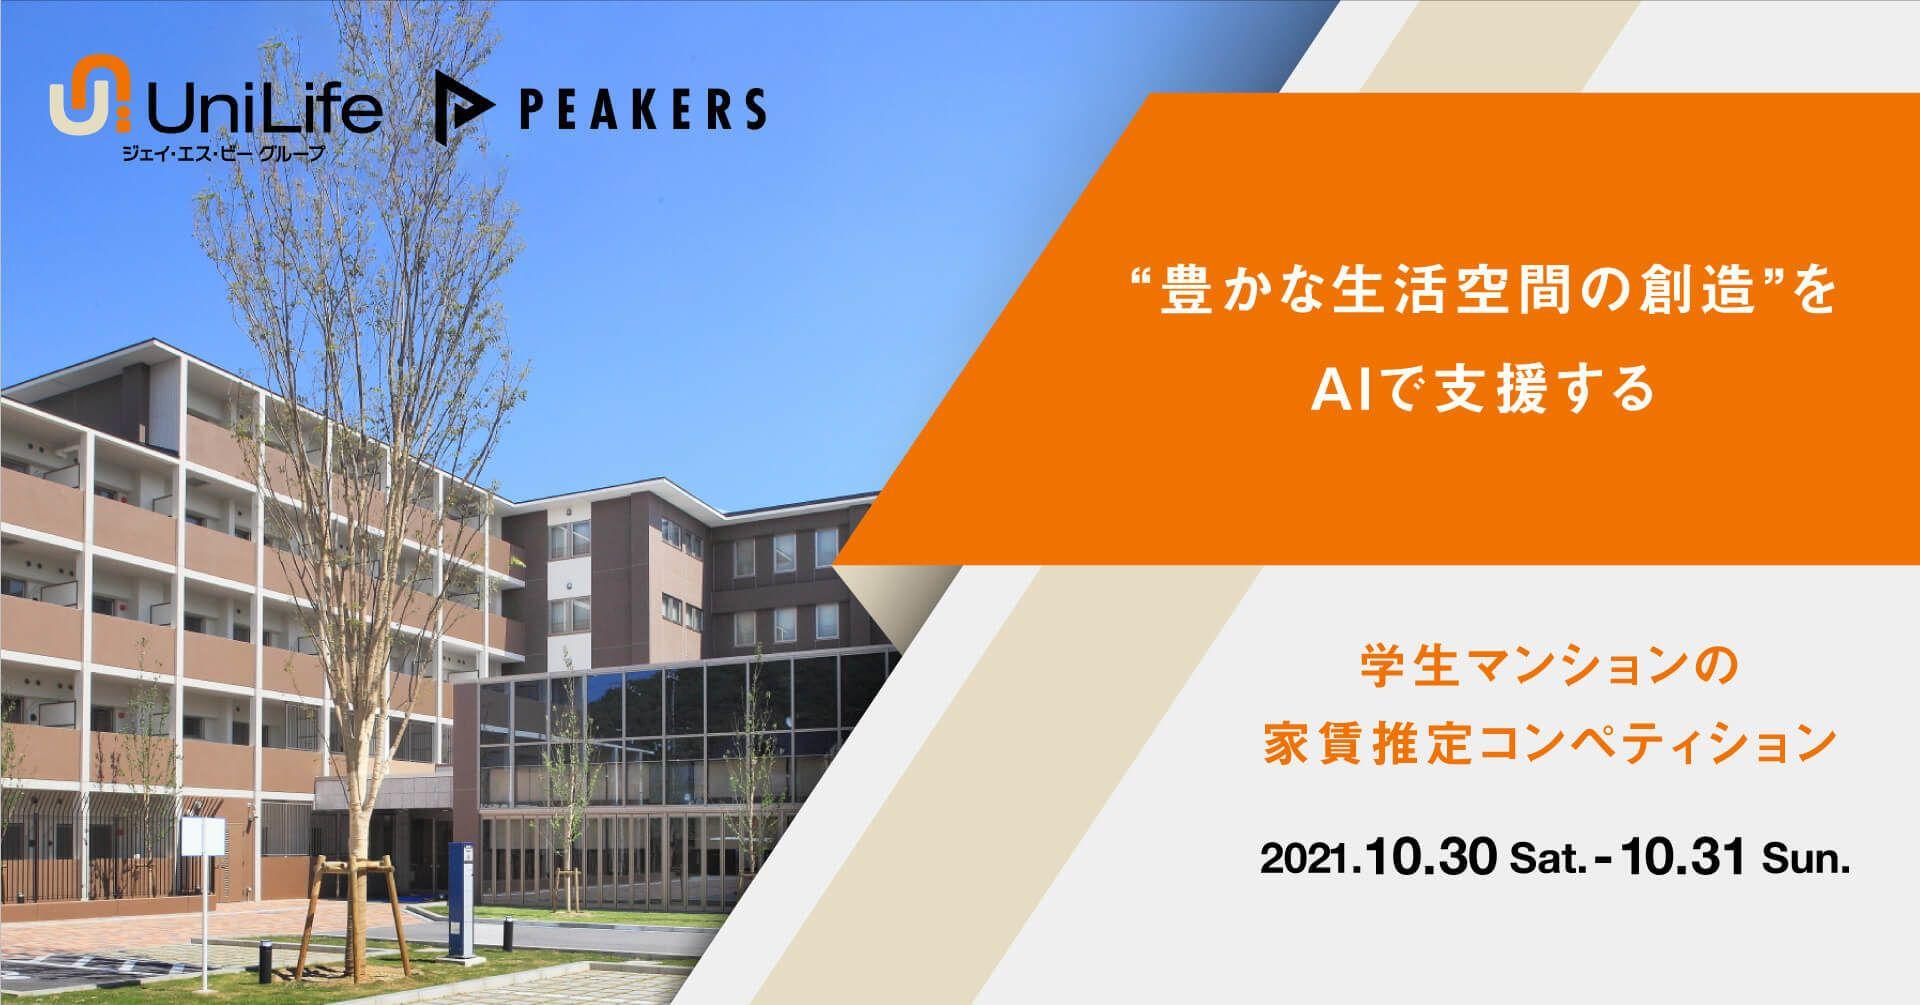 【スキルアップしたい方歓迎!】学生マンション業界トップ企業×Peakersオフライン2Dayコンペティション